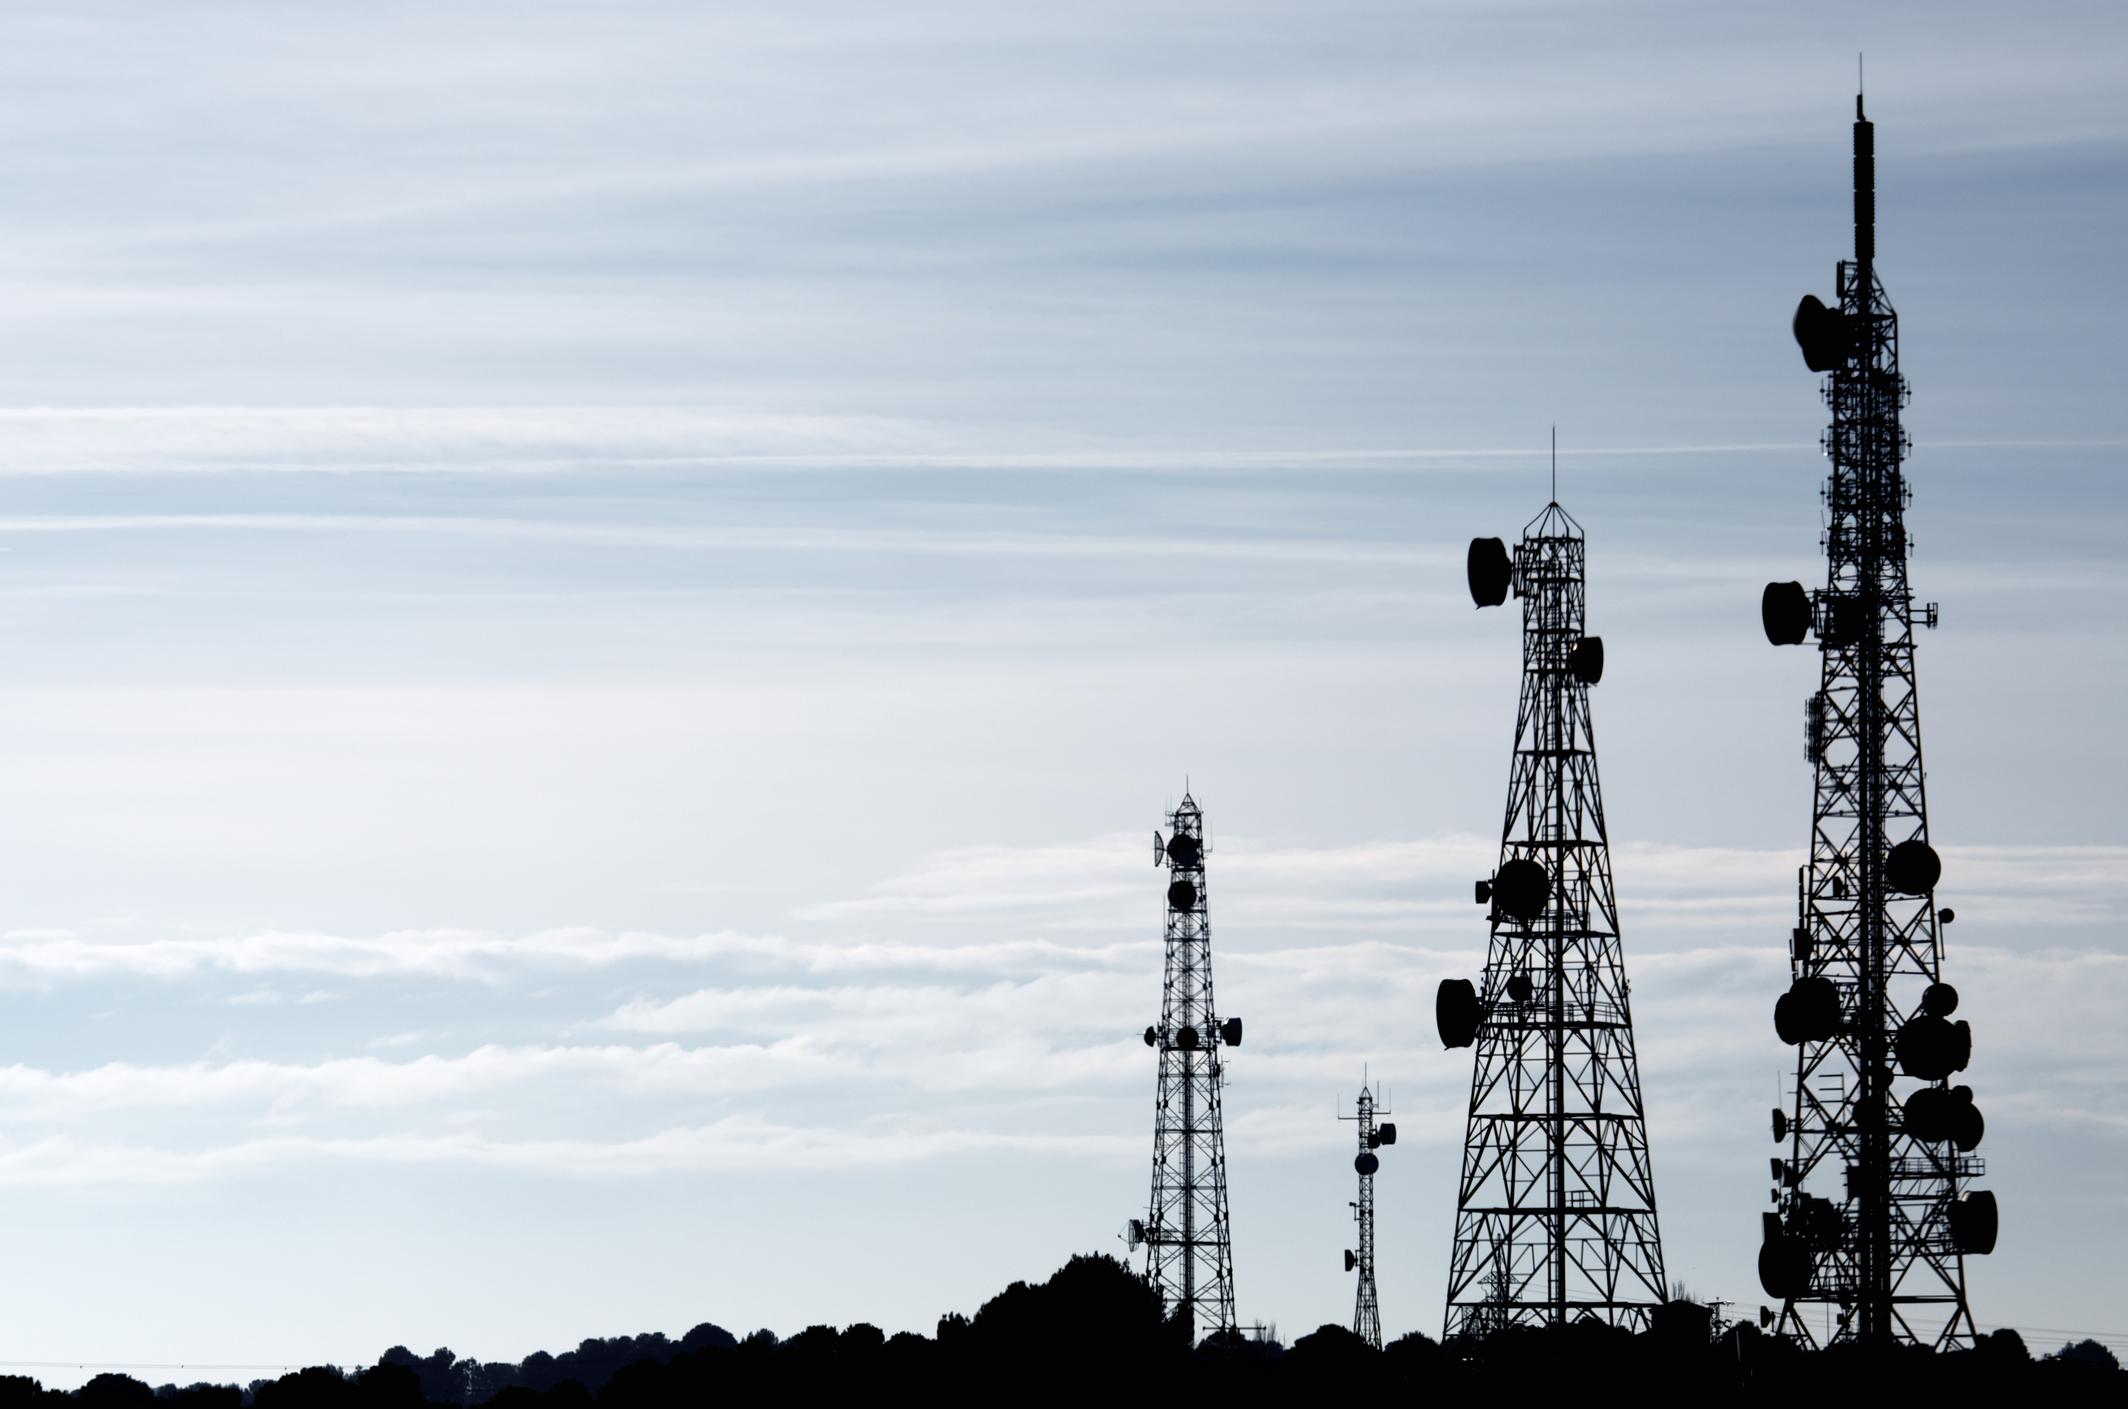 Wireless communication towers.